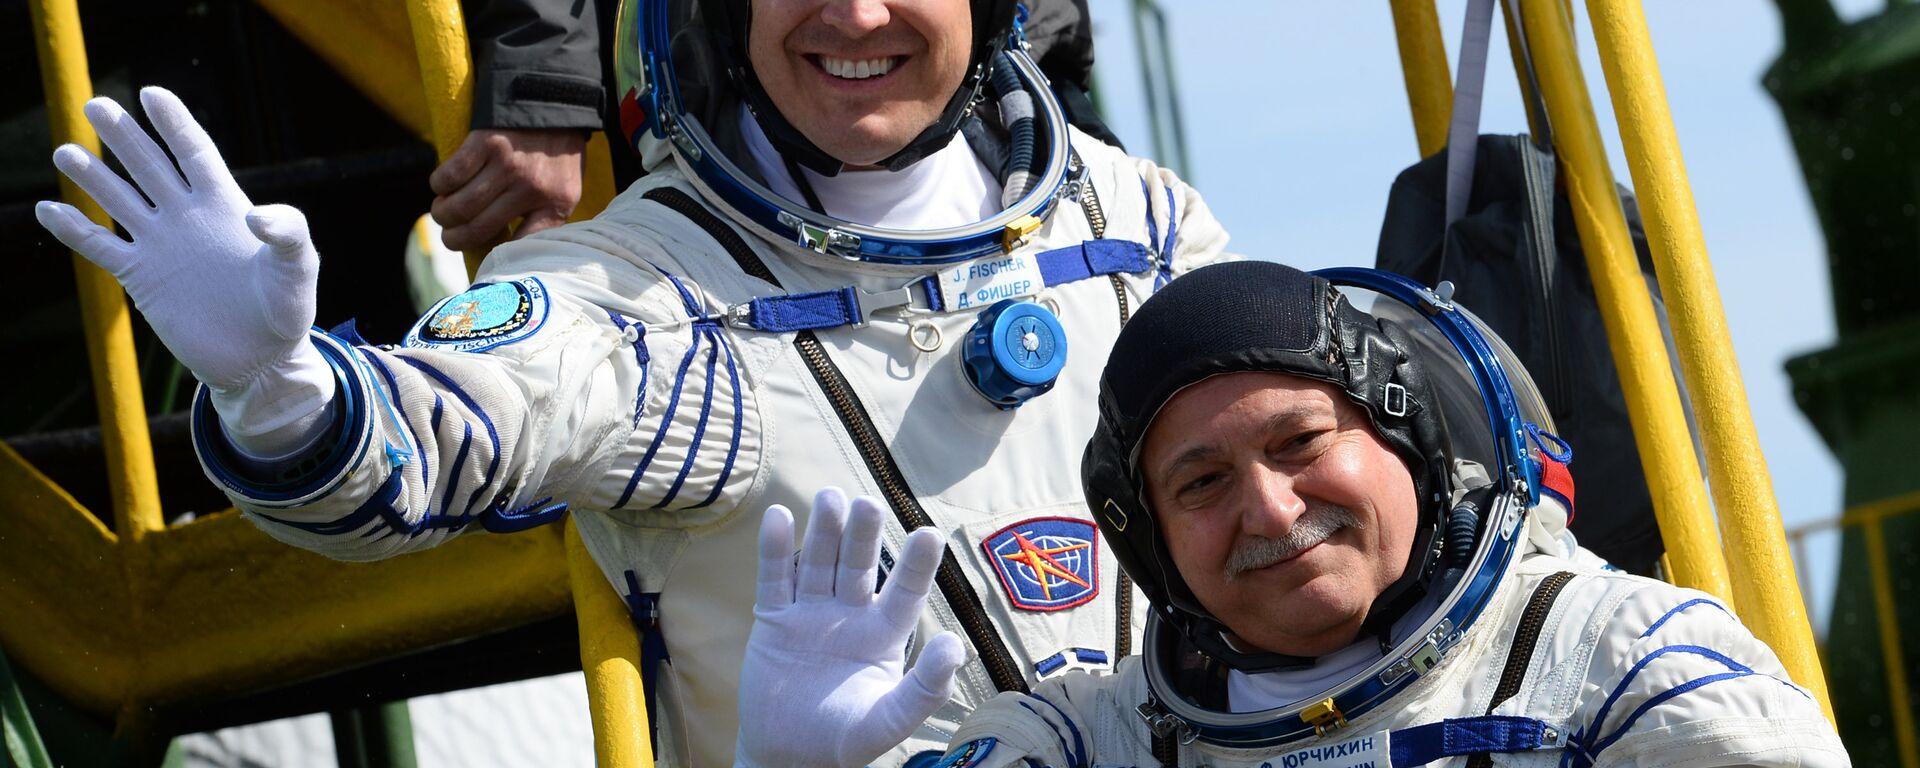 Jack Fischer, astronauta de la NASA, y Fiodor Yurchijin, cosmonauta de Roscosmos, antes de partir en la misión Soyuz-FG, Baikonur, 20 de abril de 2017 - Sputnik Mundo, 1920, 12.04.2021